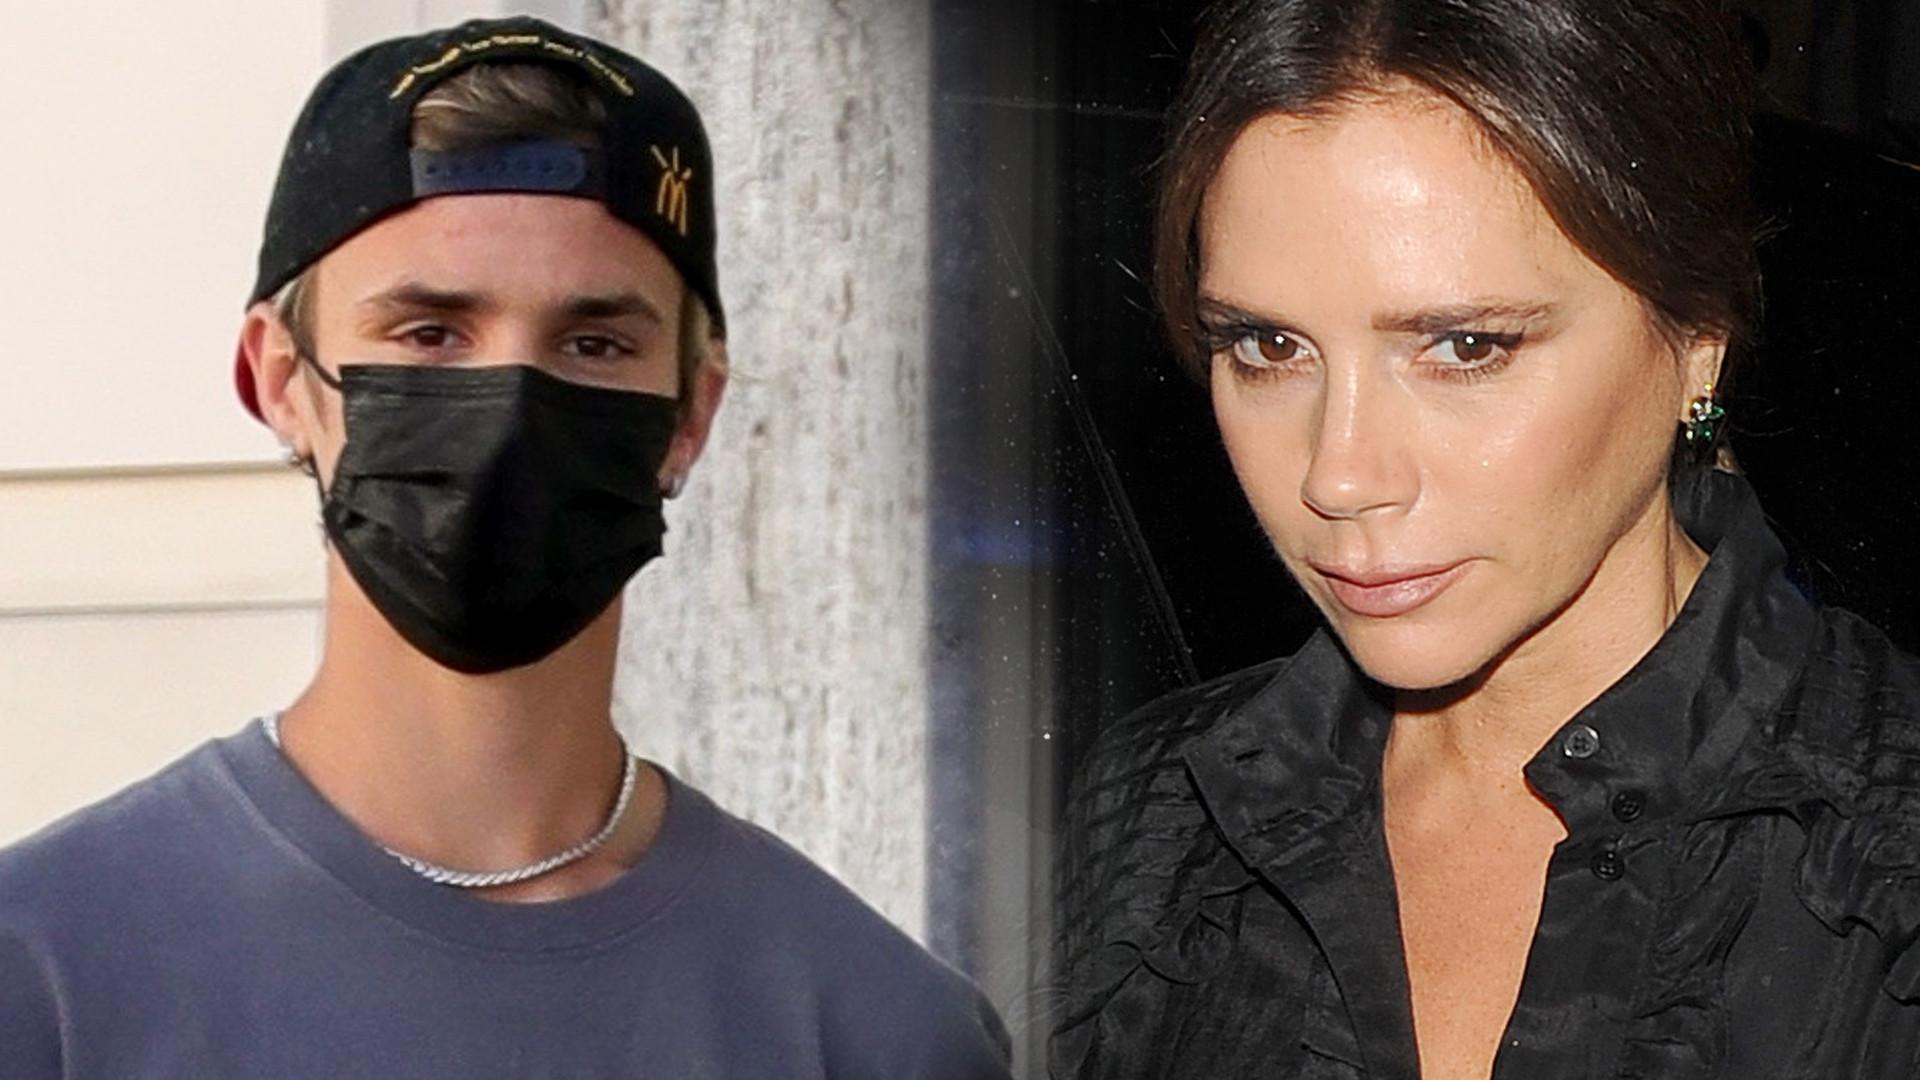 Romeo Beckham na spotkaniu z przyjaciółmi w koszulce odnoszącej się do jego mamy (ZDJĘCIA)